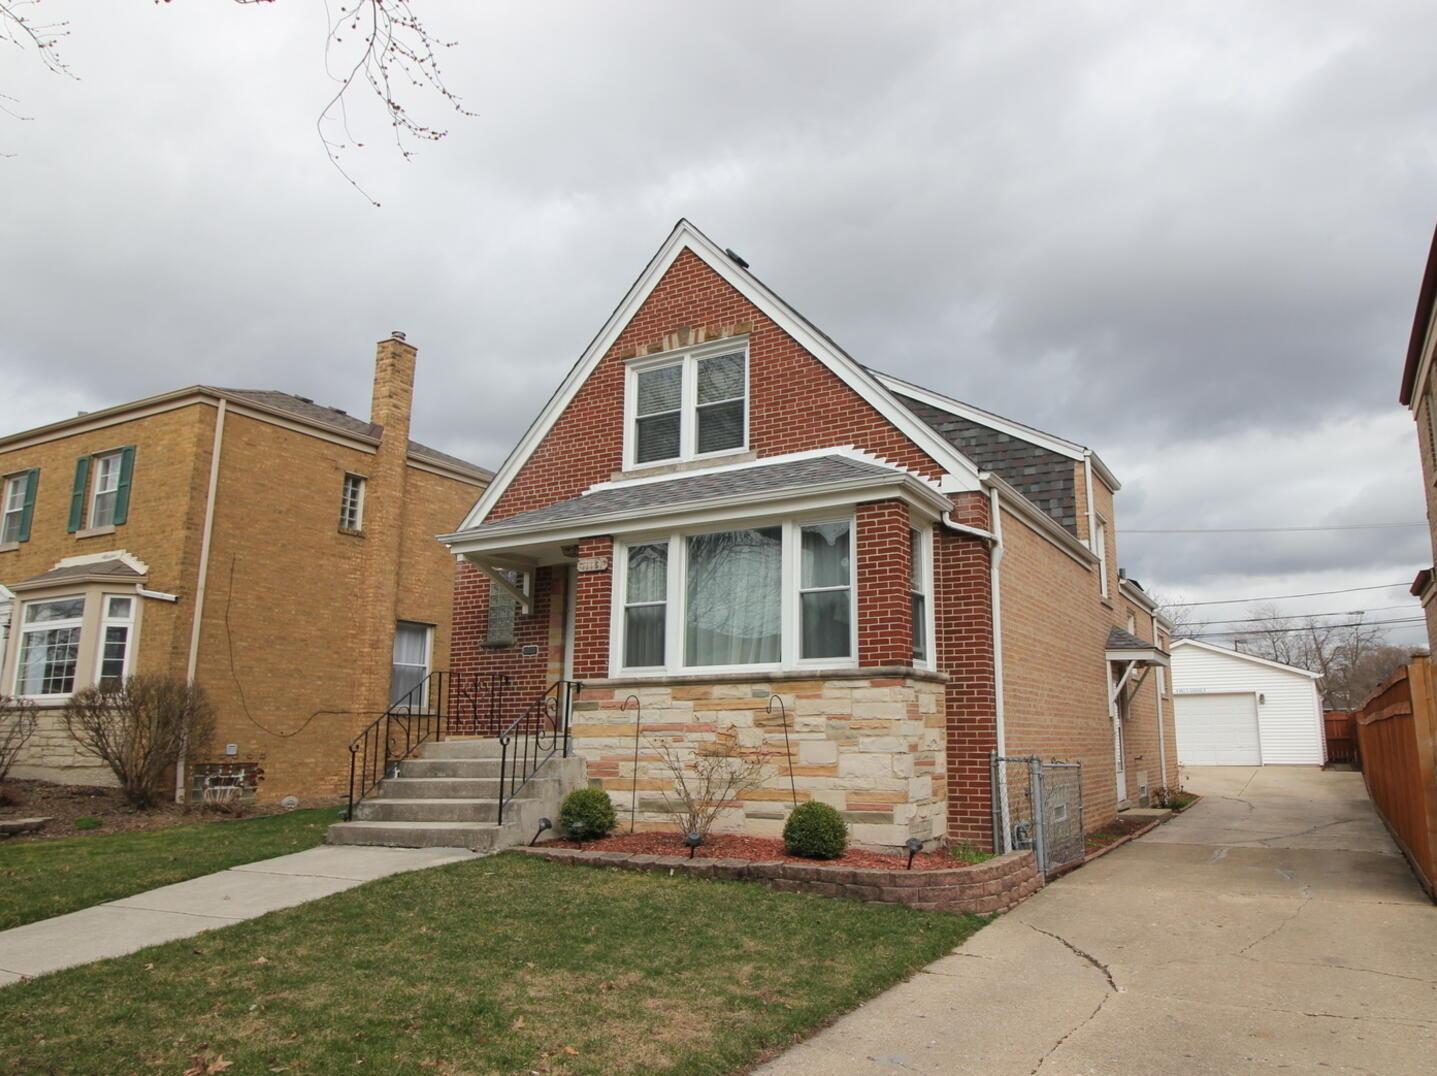 Photo of 11161 Artesian Chicago IL 60655